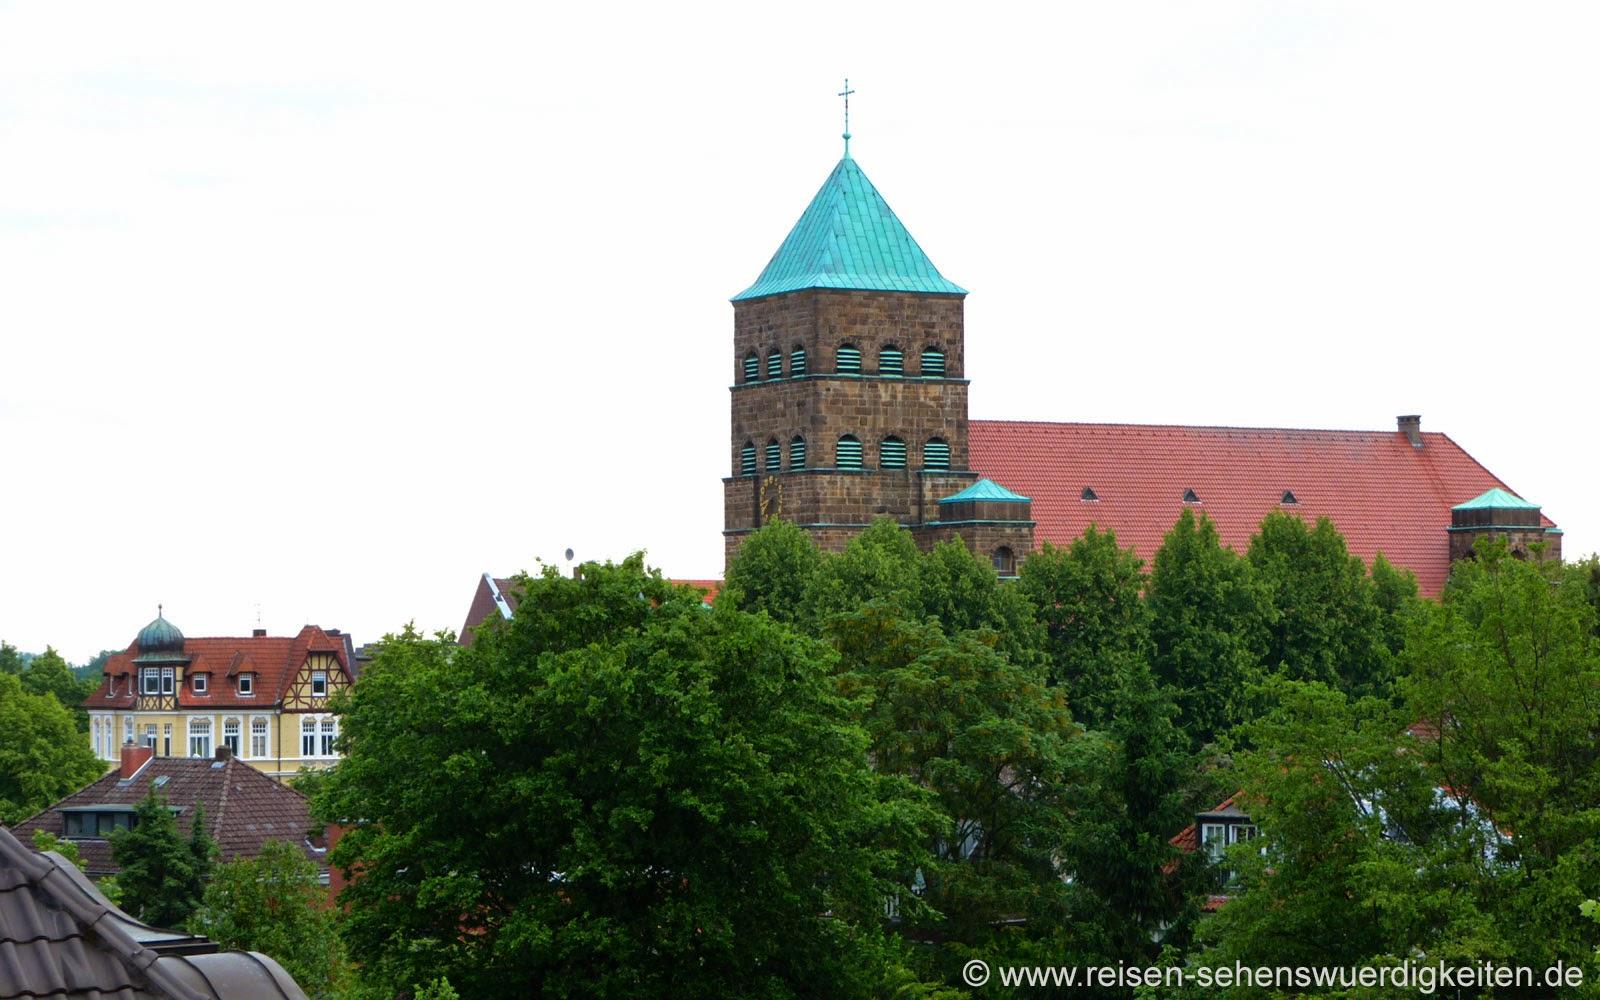 Sehenswürdigkeiten Münster, Erphokirche in Münster